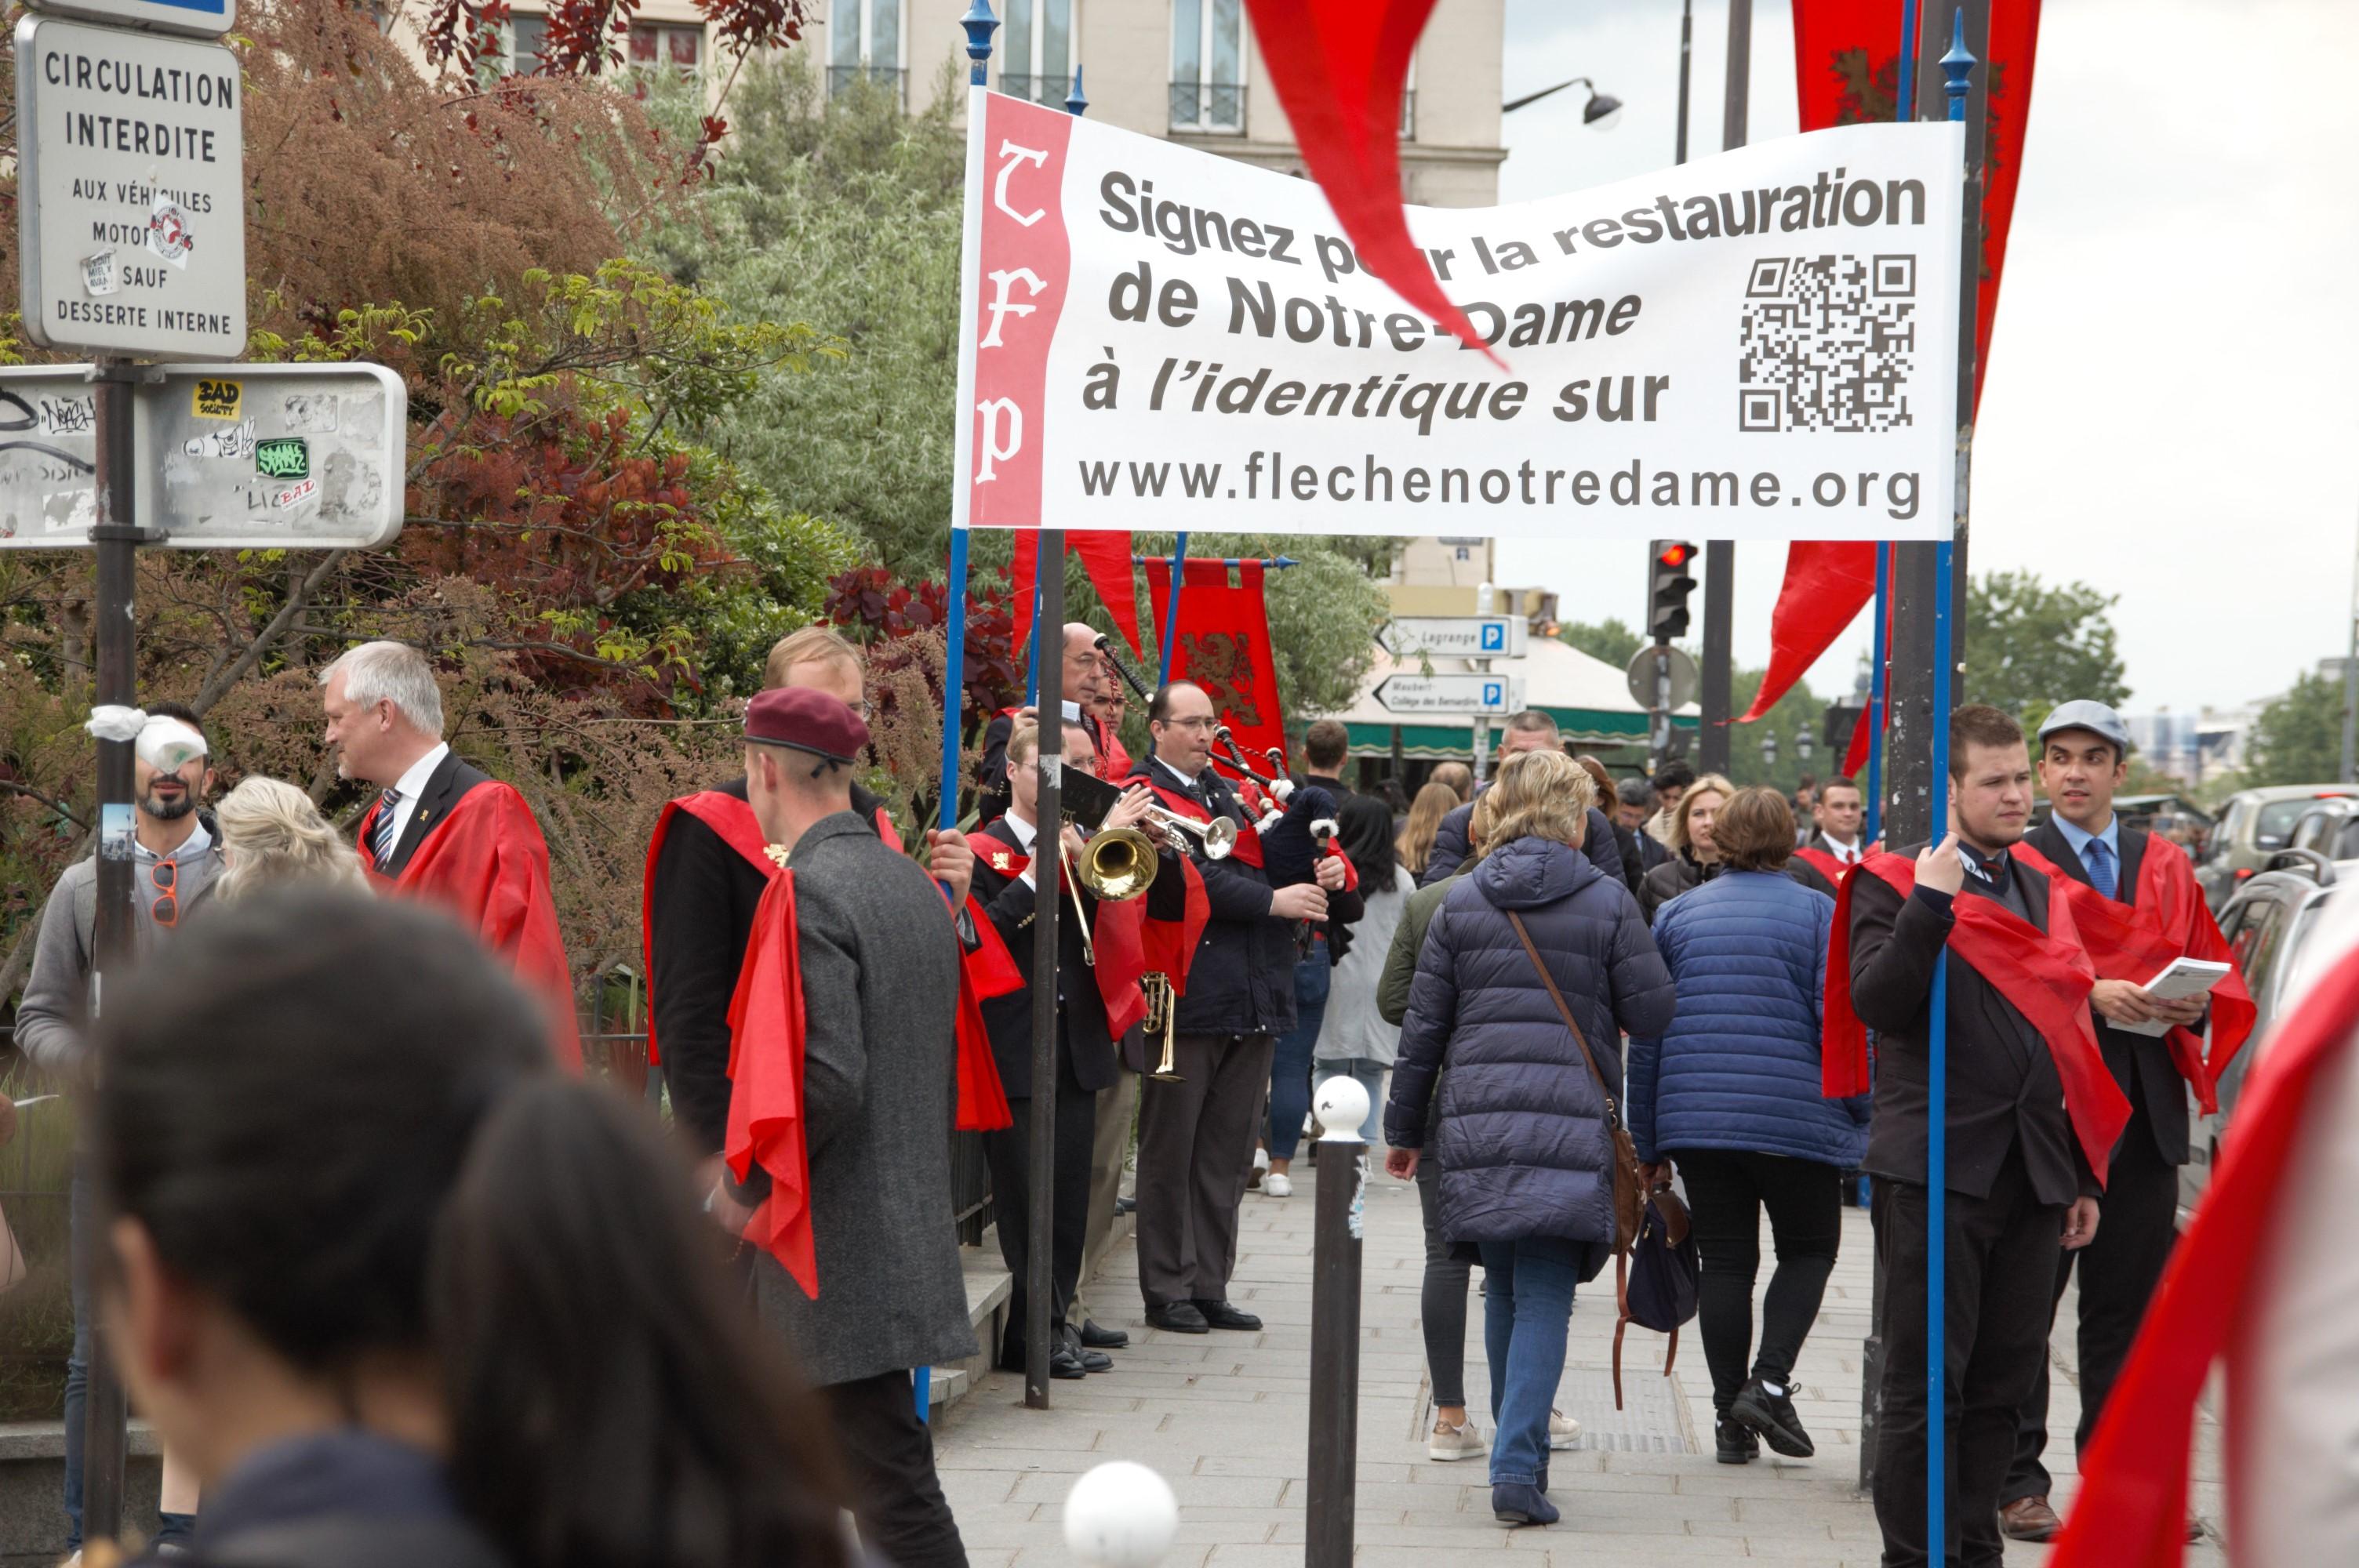 Cinquante mille signatures pour la restauration de Notre-Dame à l'identique!